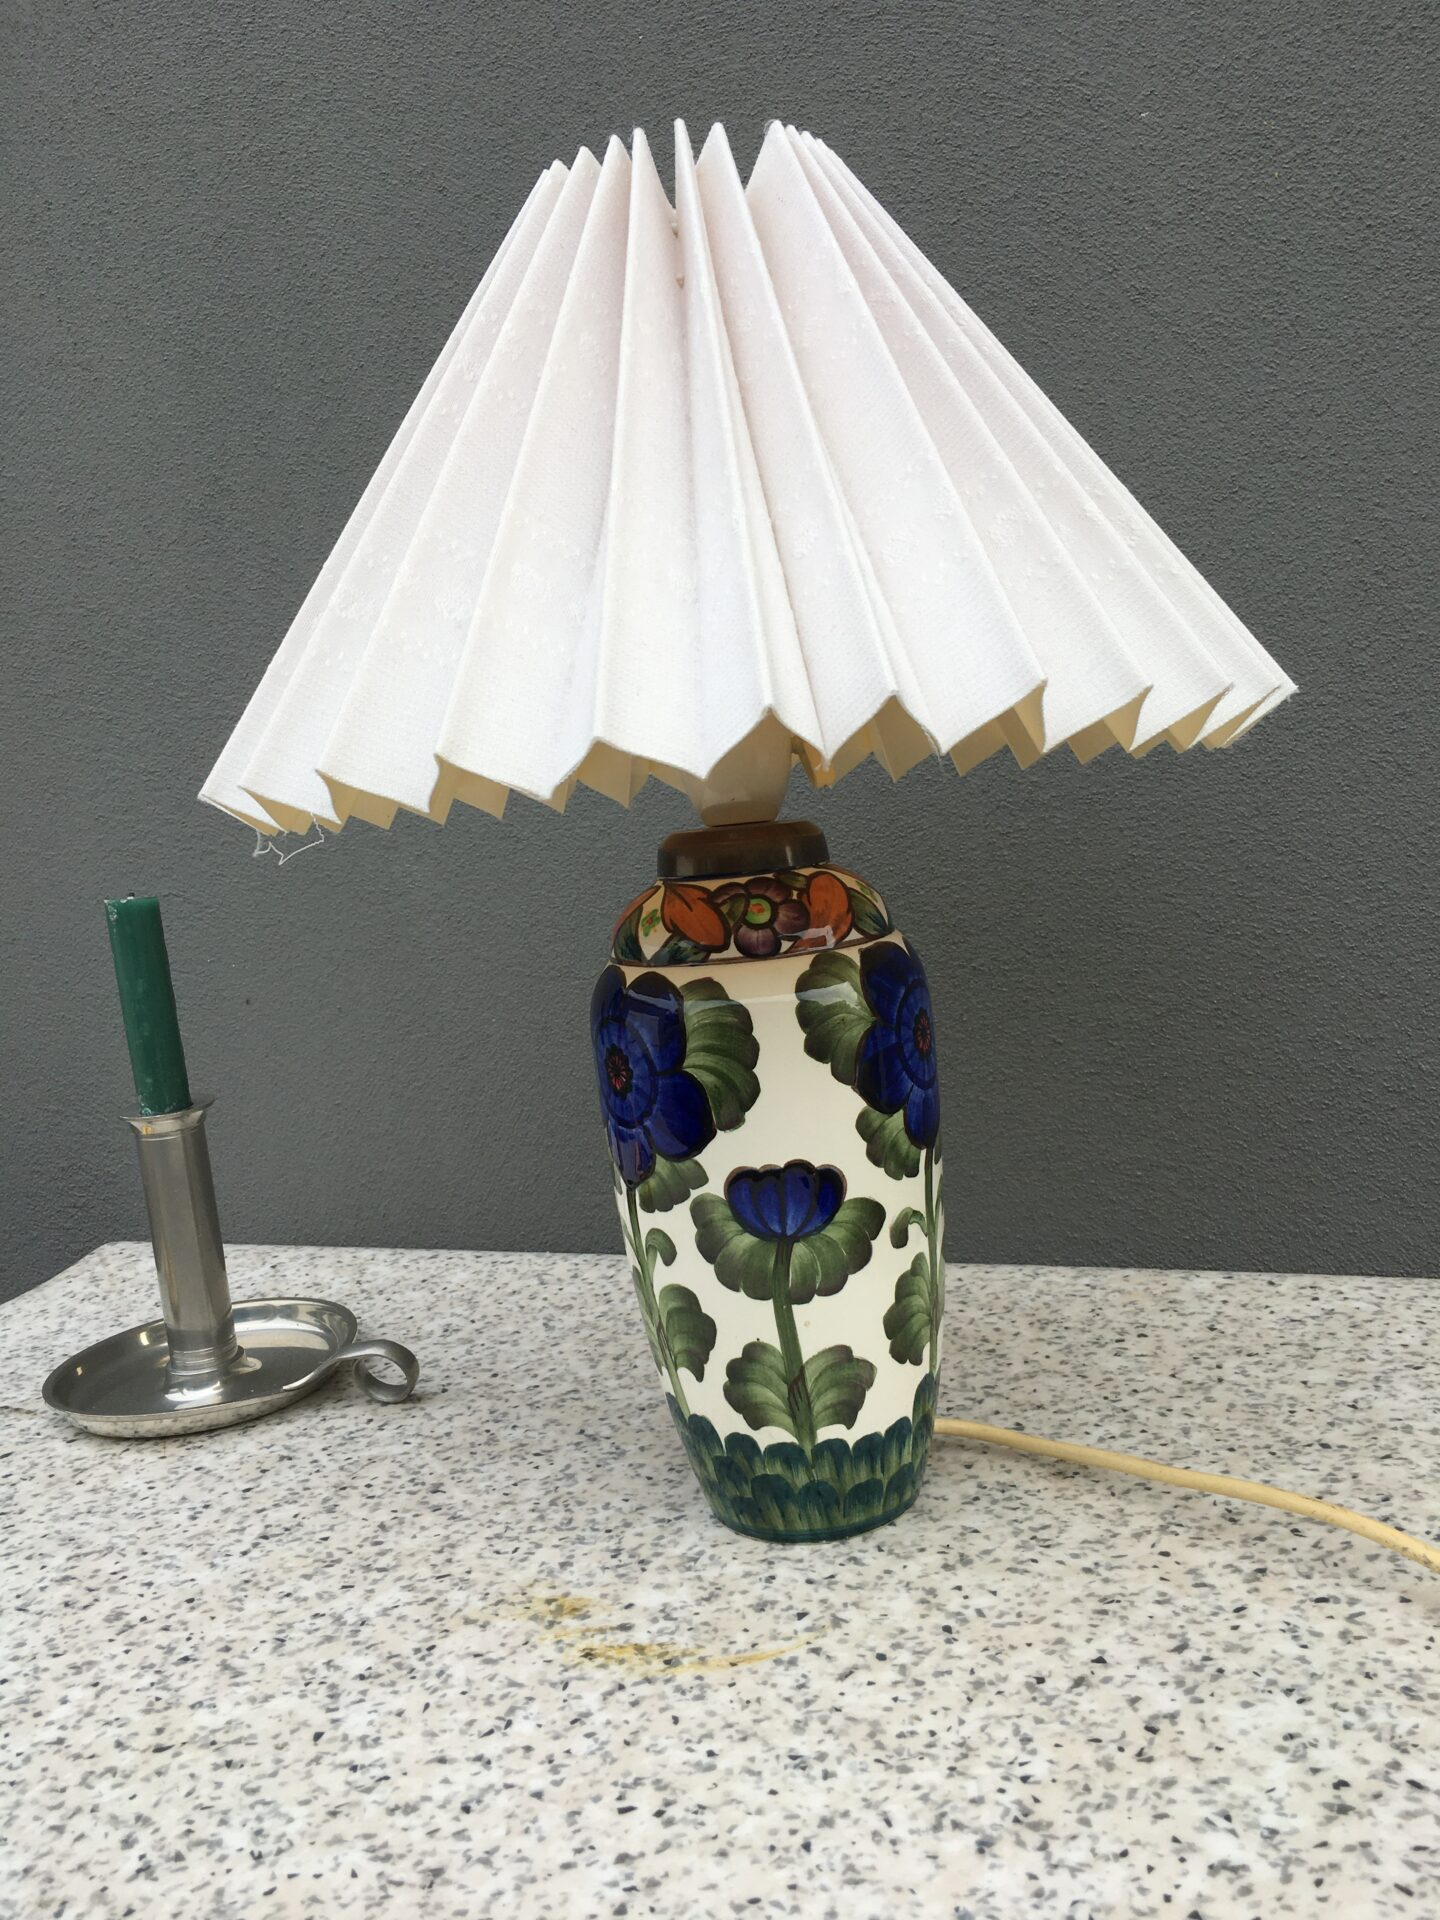 gammel Aluminia bordlampe, fejlfri, højde til overkant fatningshus=29 cm, pris 800kr